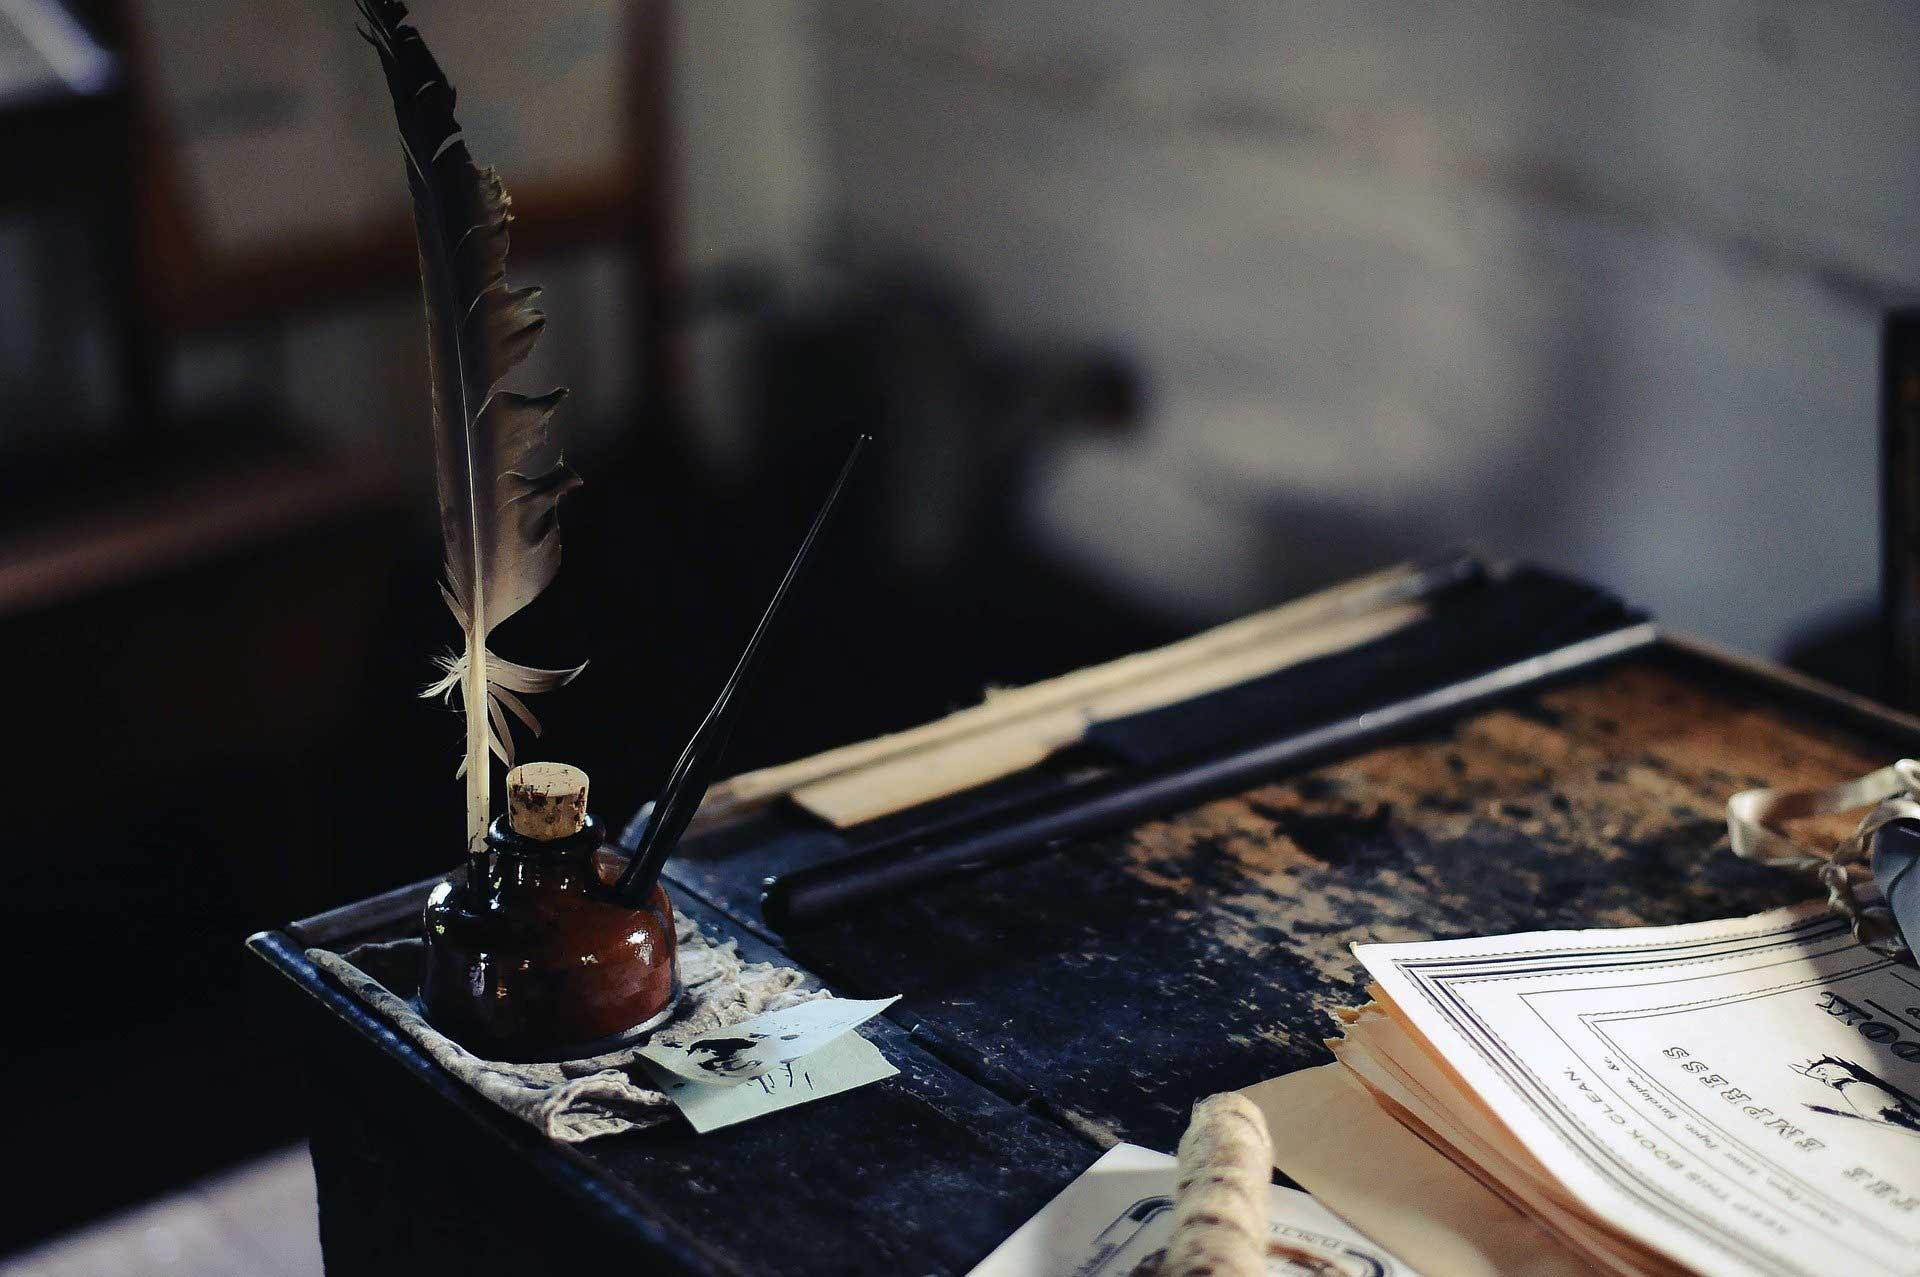 Eski Bir Masa Uzerinde Murekkep, Kalem ve Kagitlar